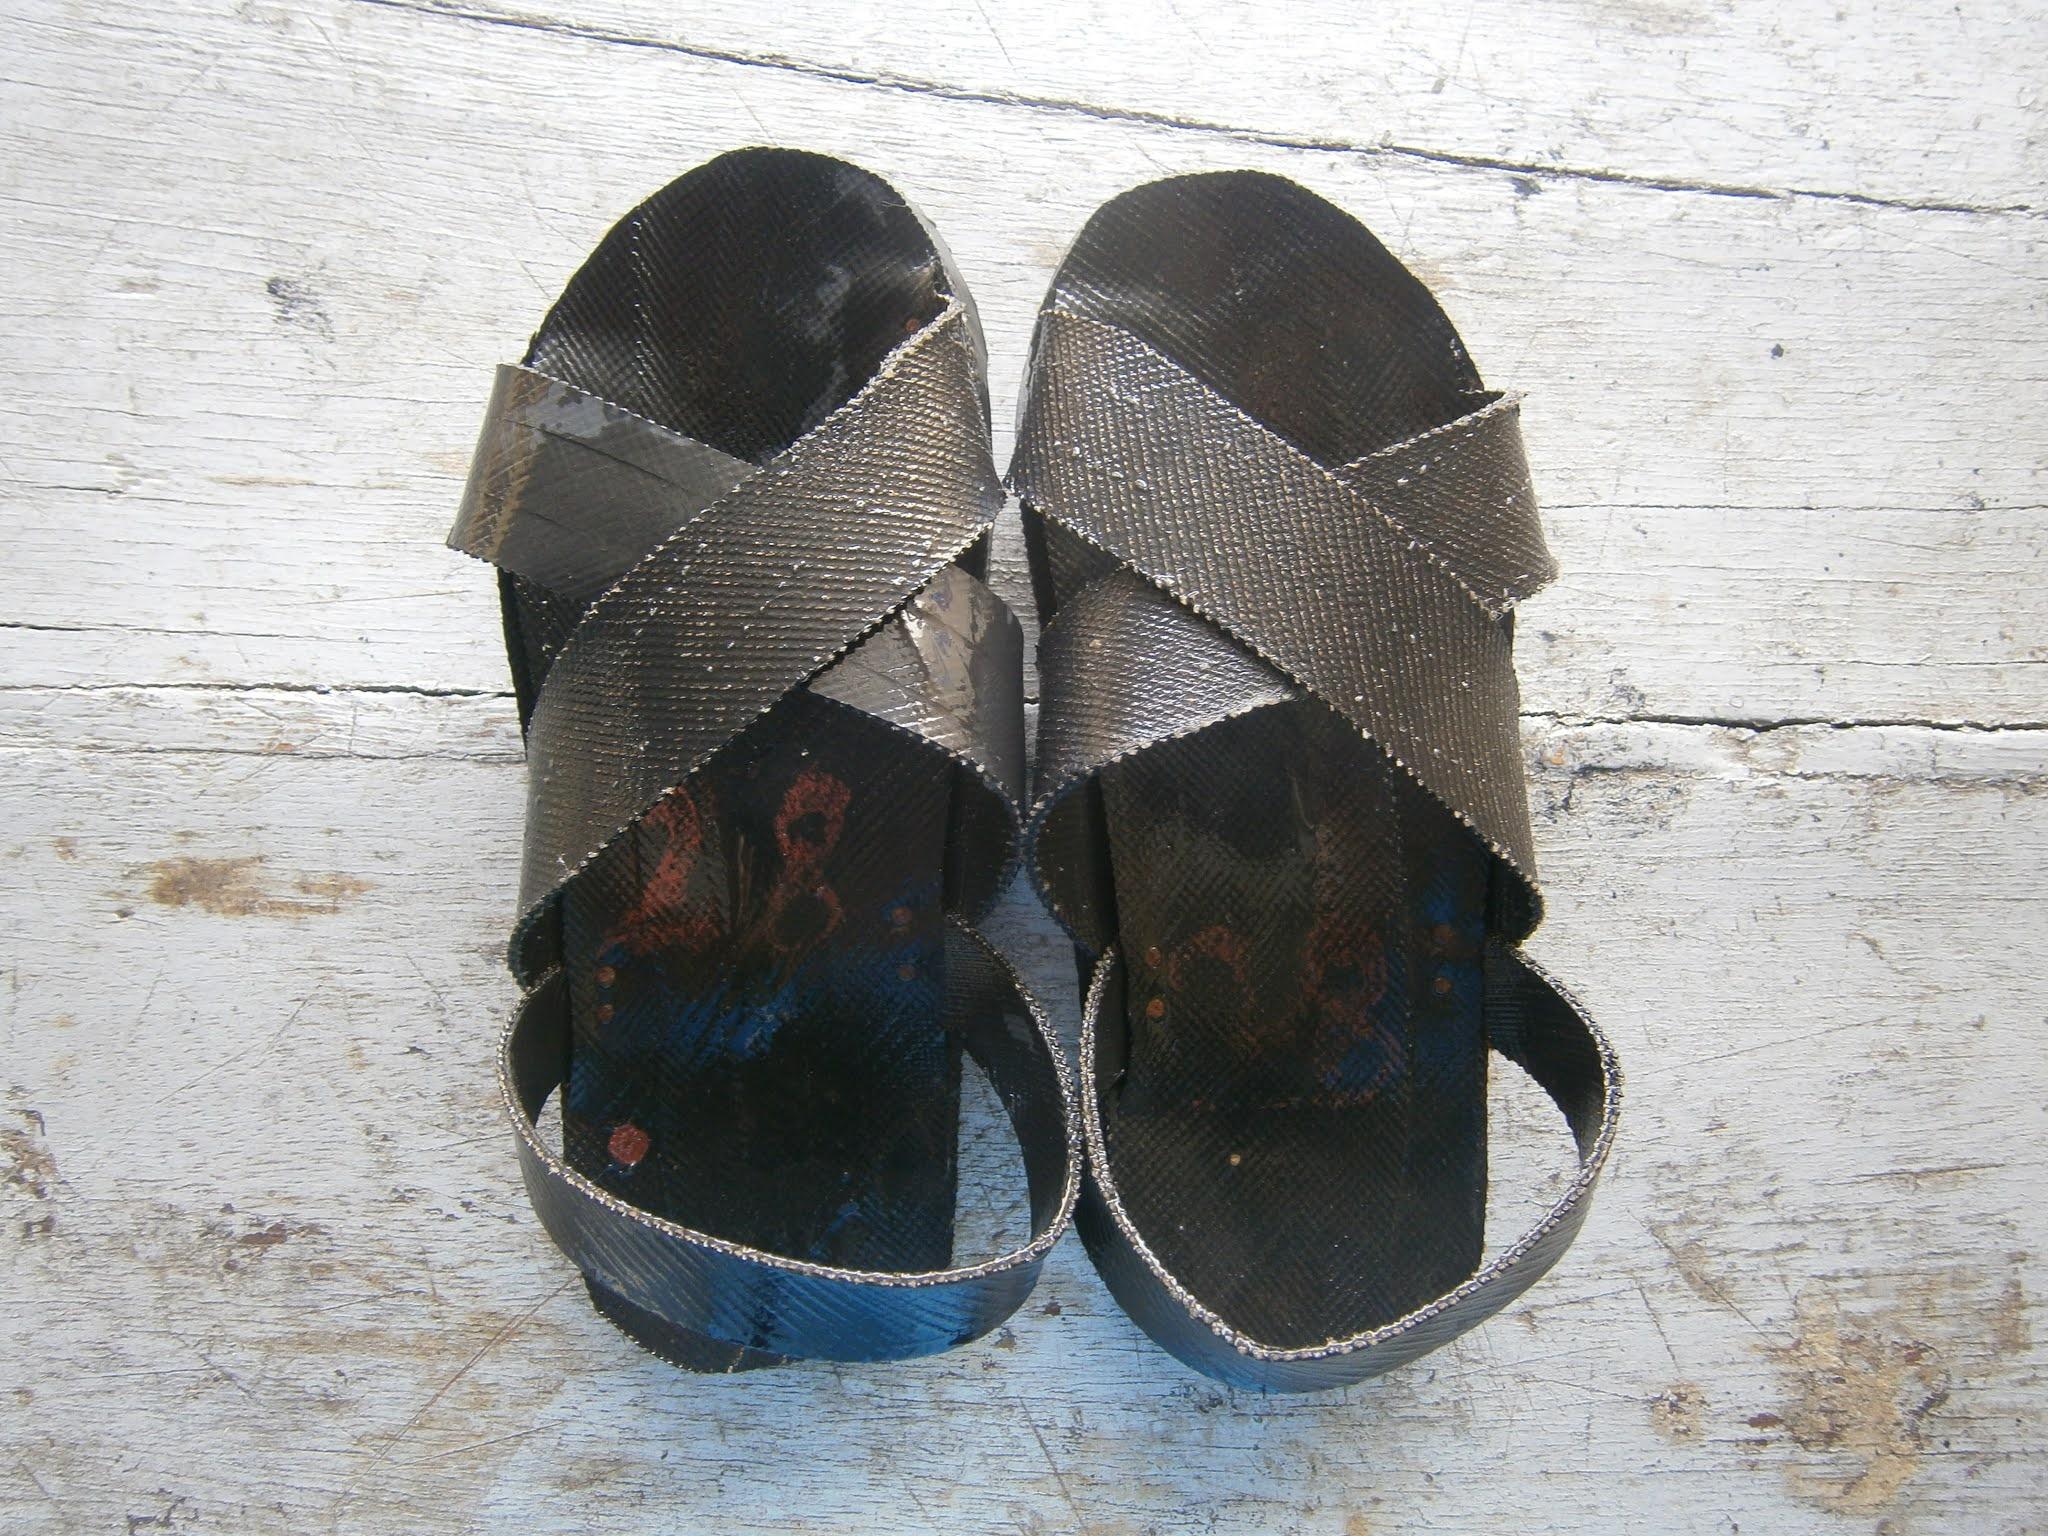 Sandalias hechas de piezas de neumáticos conocidos como YANQUIS (Ojotas)